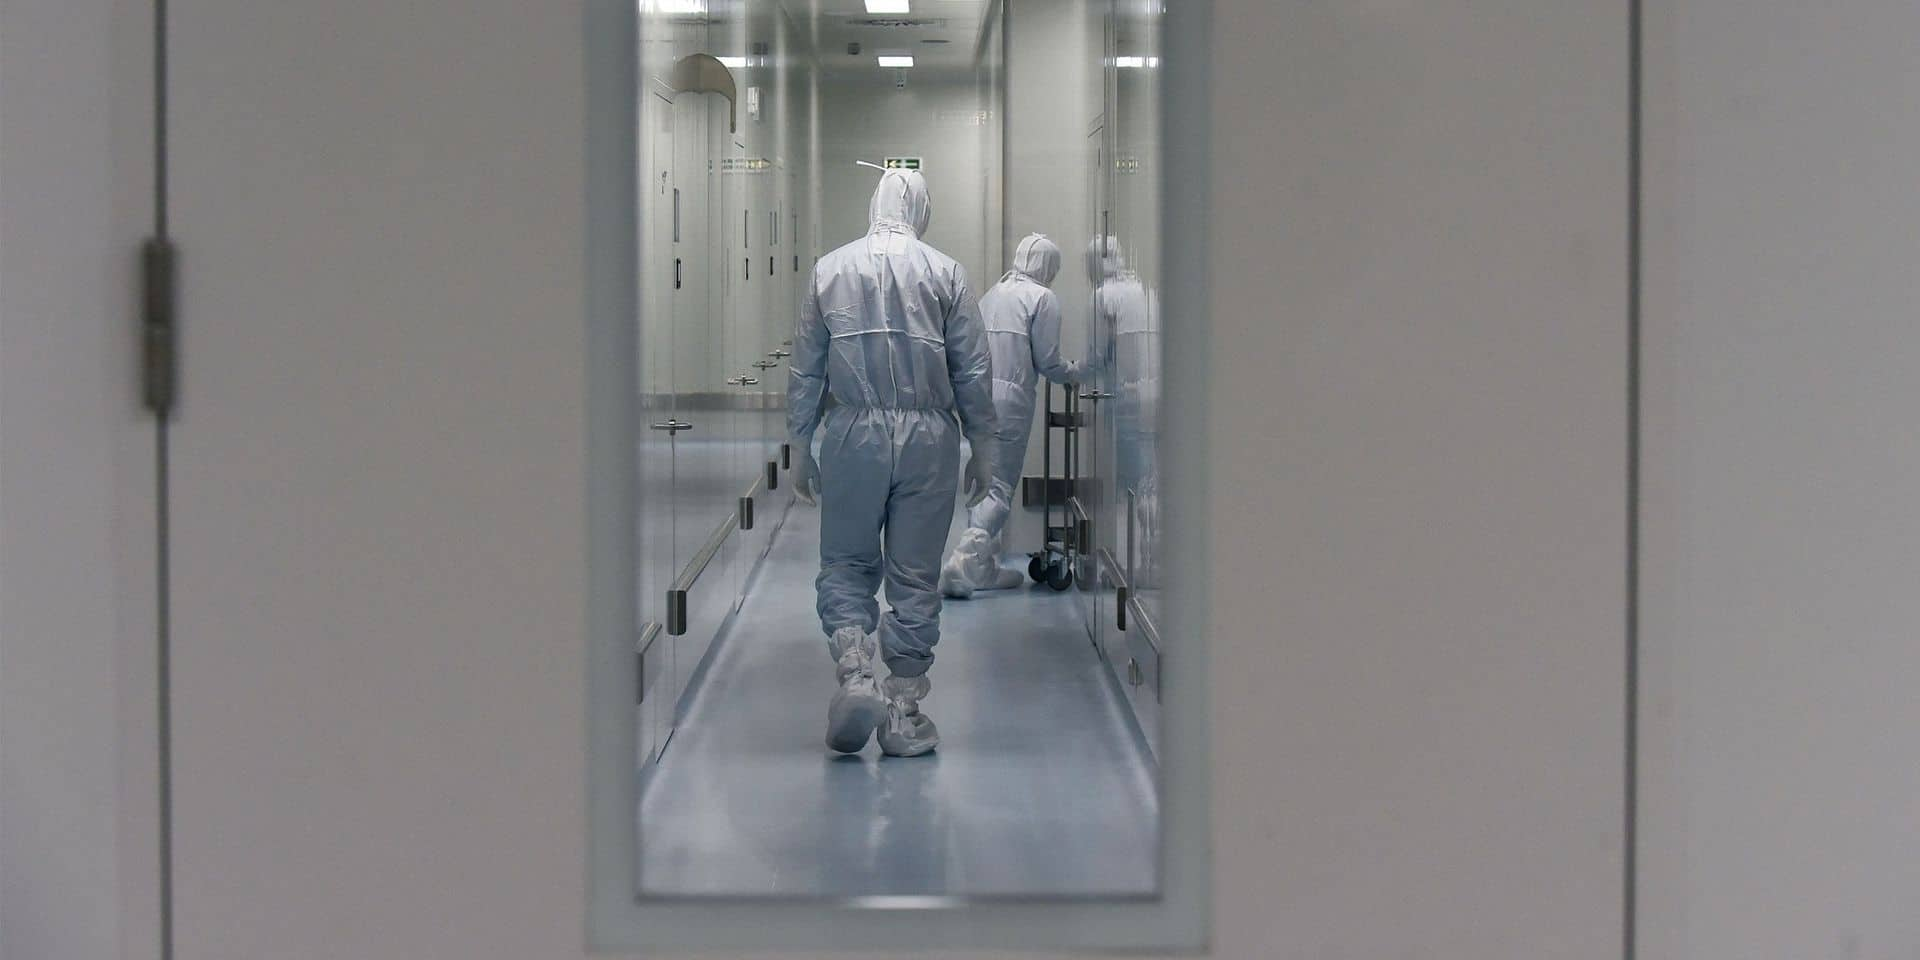 Déjà 24 demandes pour des essais cliniques liés au Covid-19 en Belgique, selon pharma.be